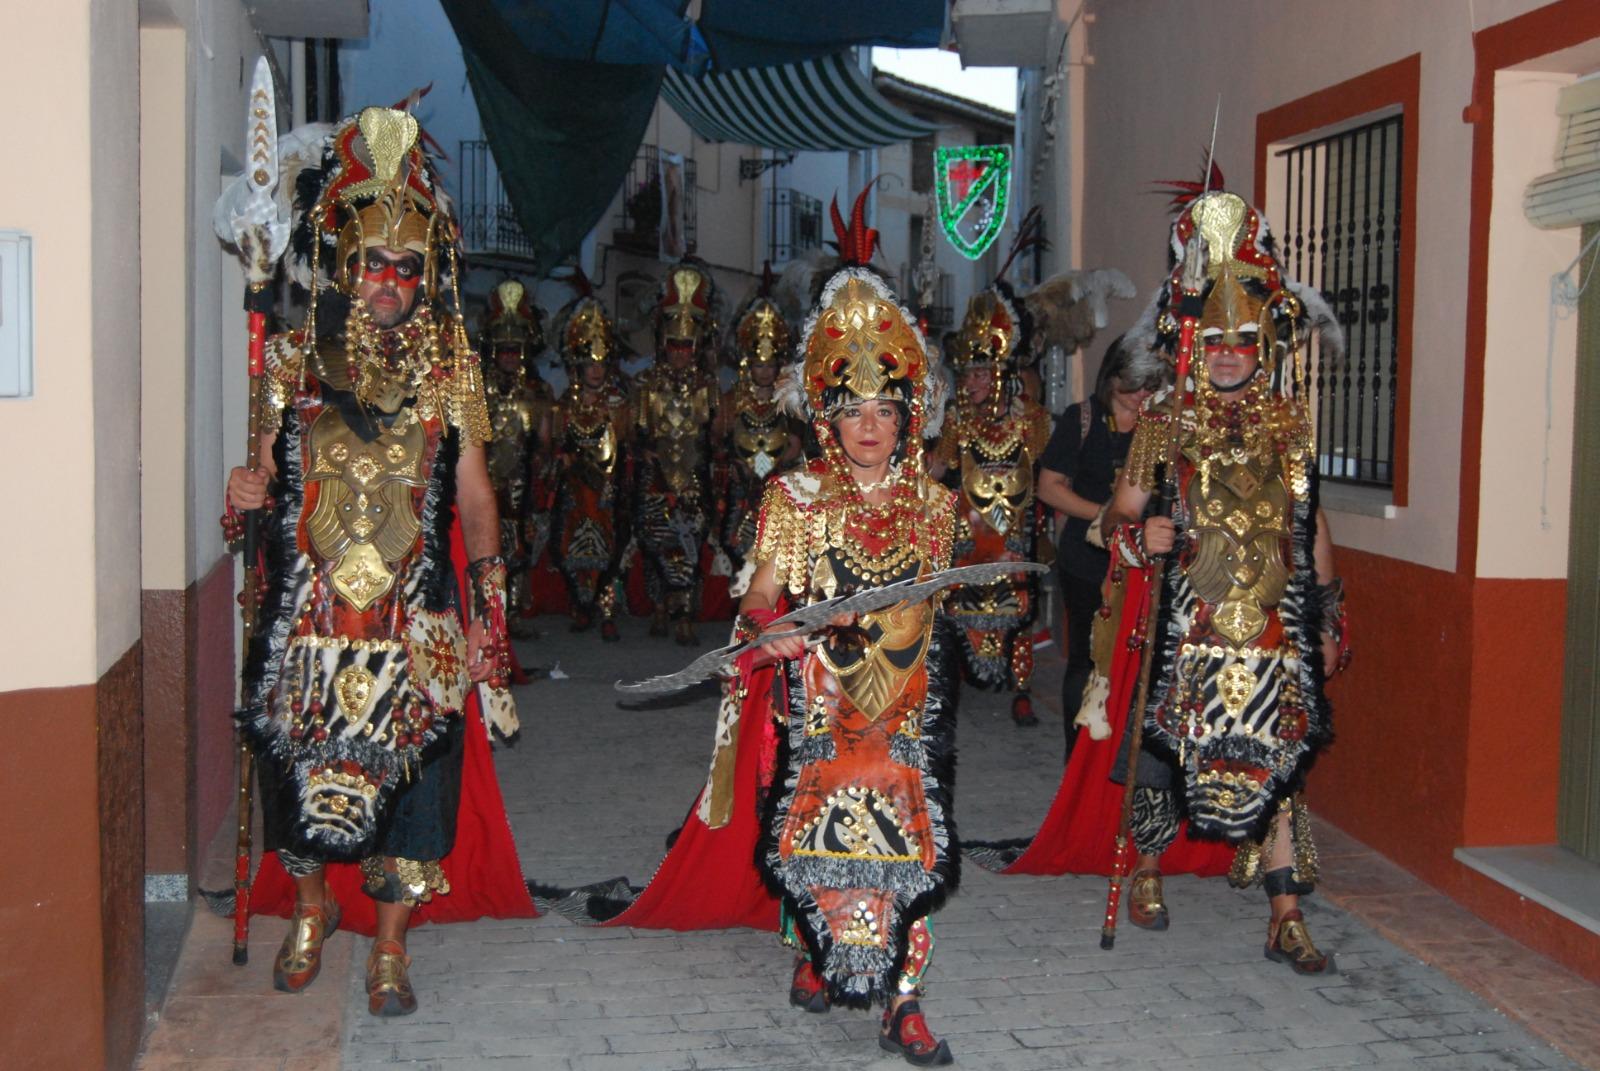 Fiestas de Moros y Cristianos en Alcalà de la Jovada